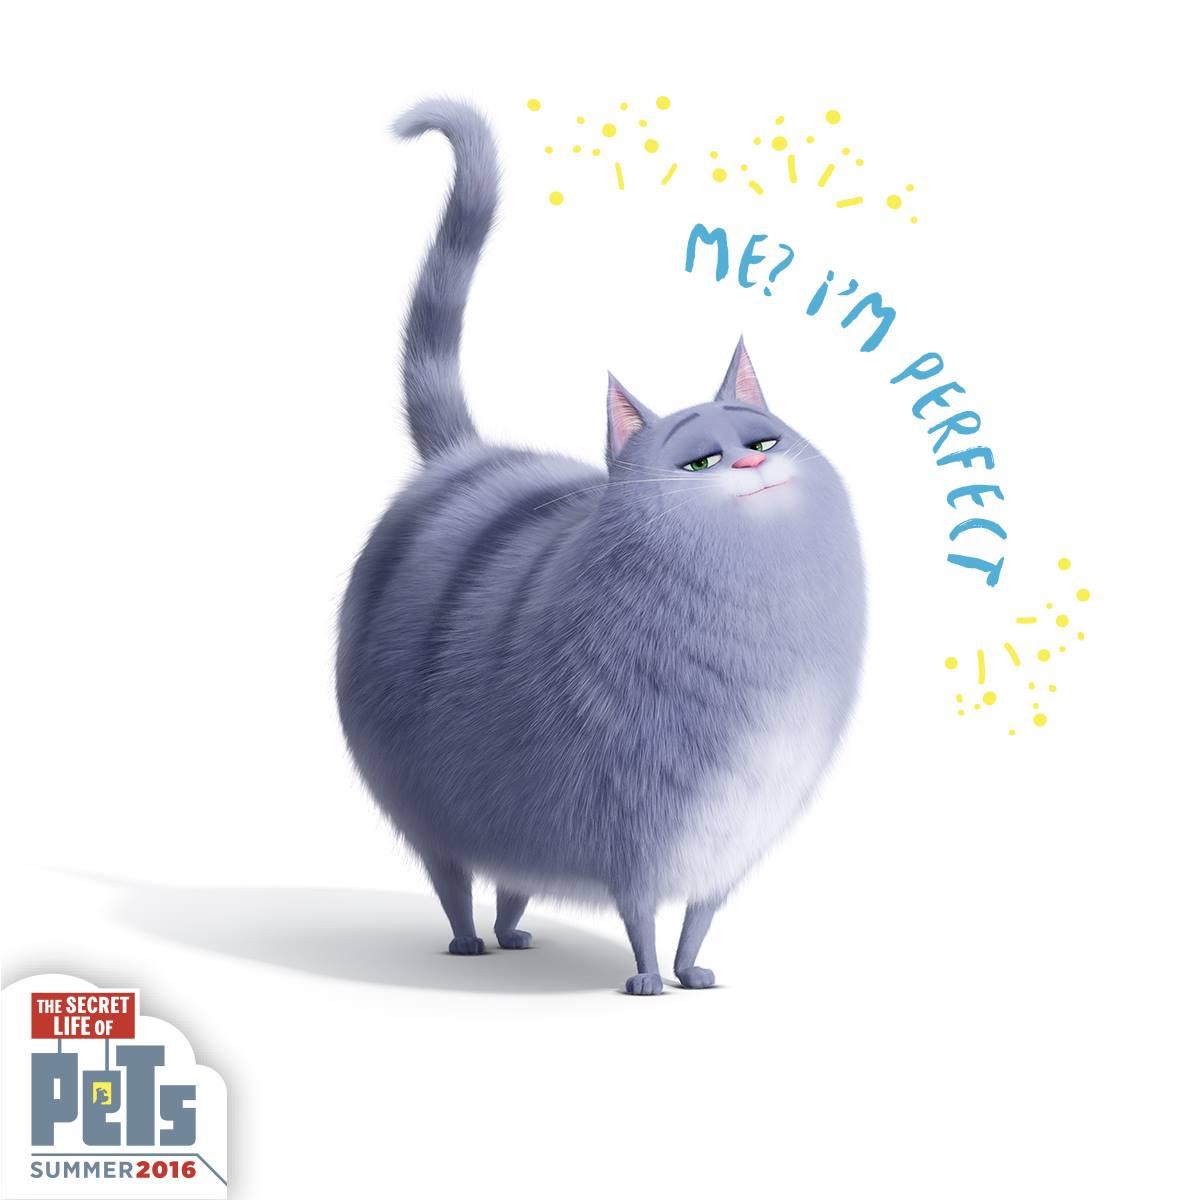 Кошка Хлоя - персонаж мультфильма «Тайная жизнь домашних ...